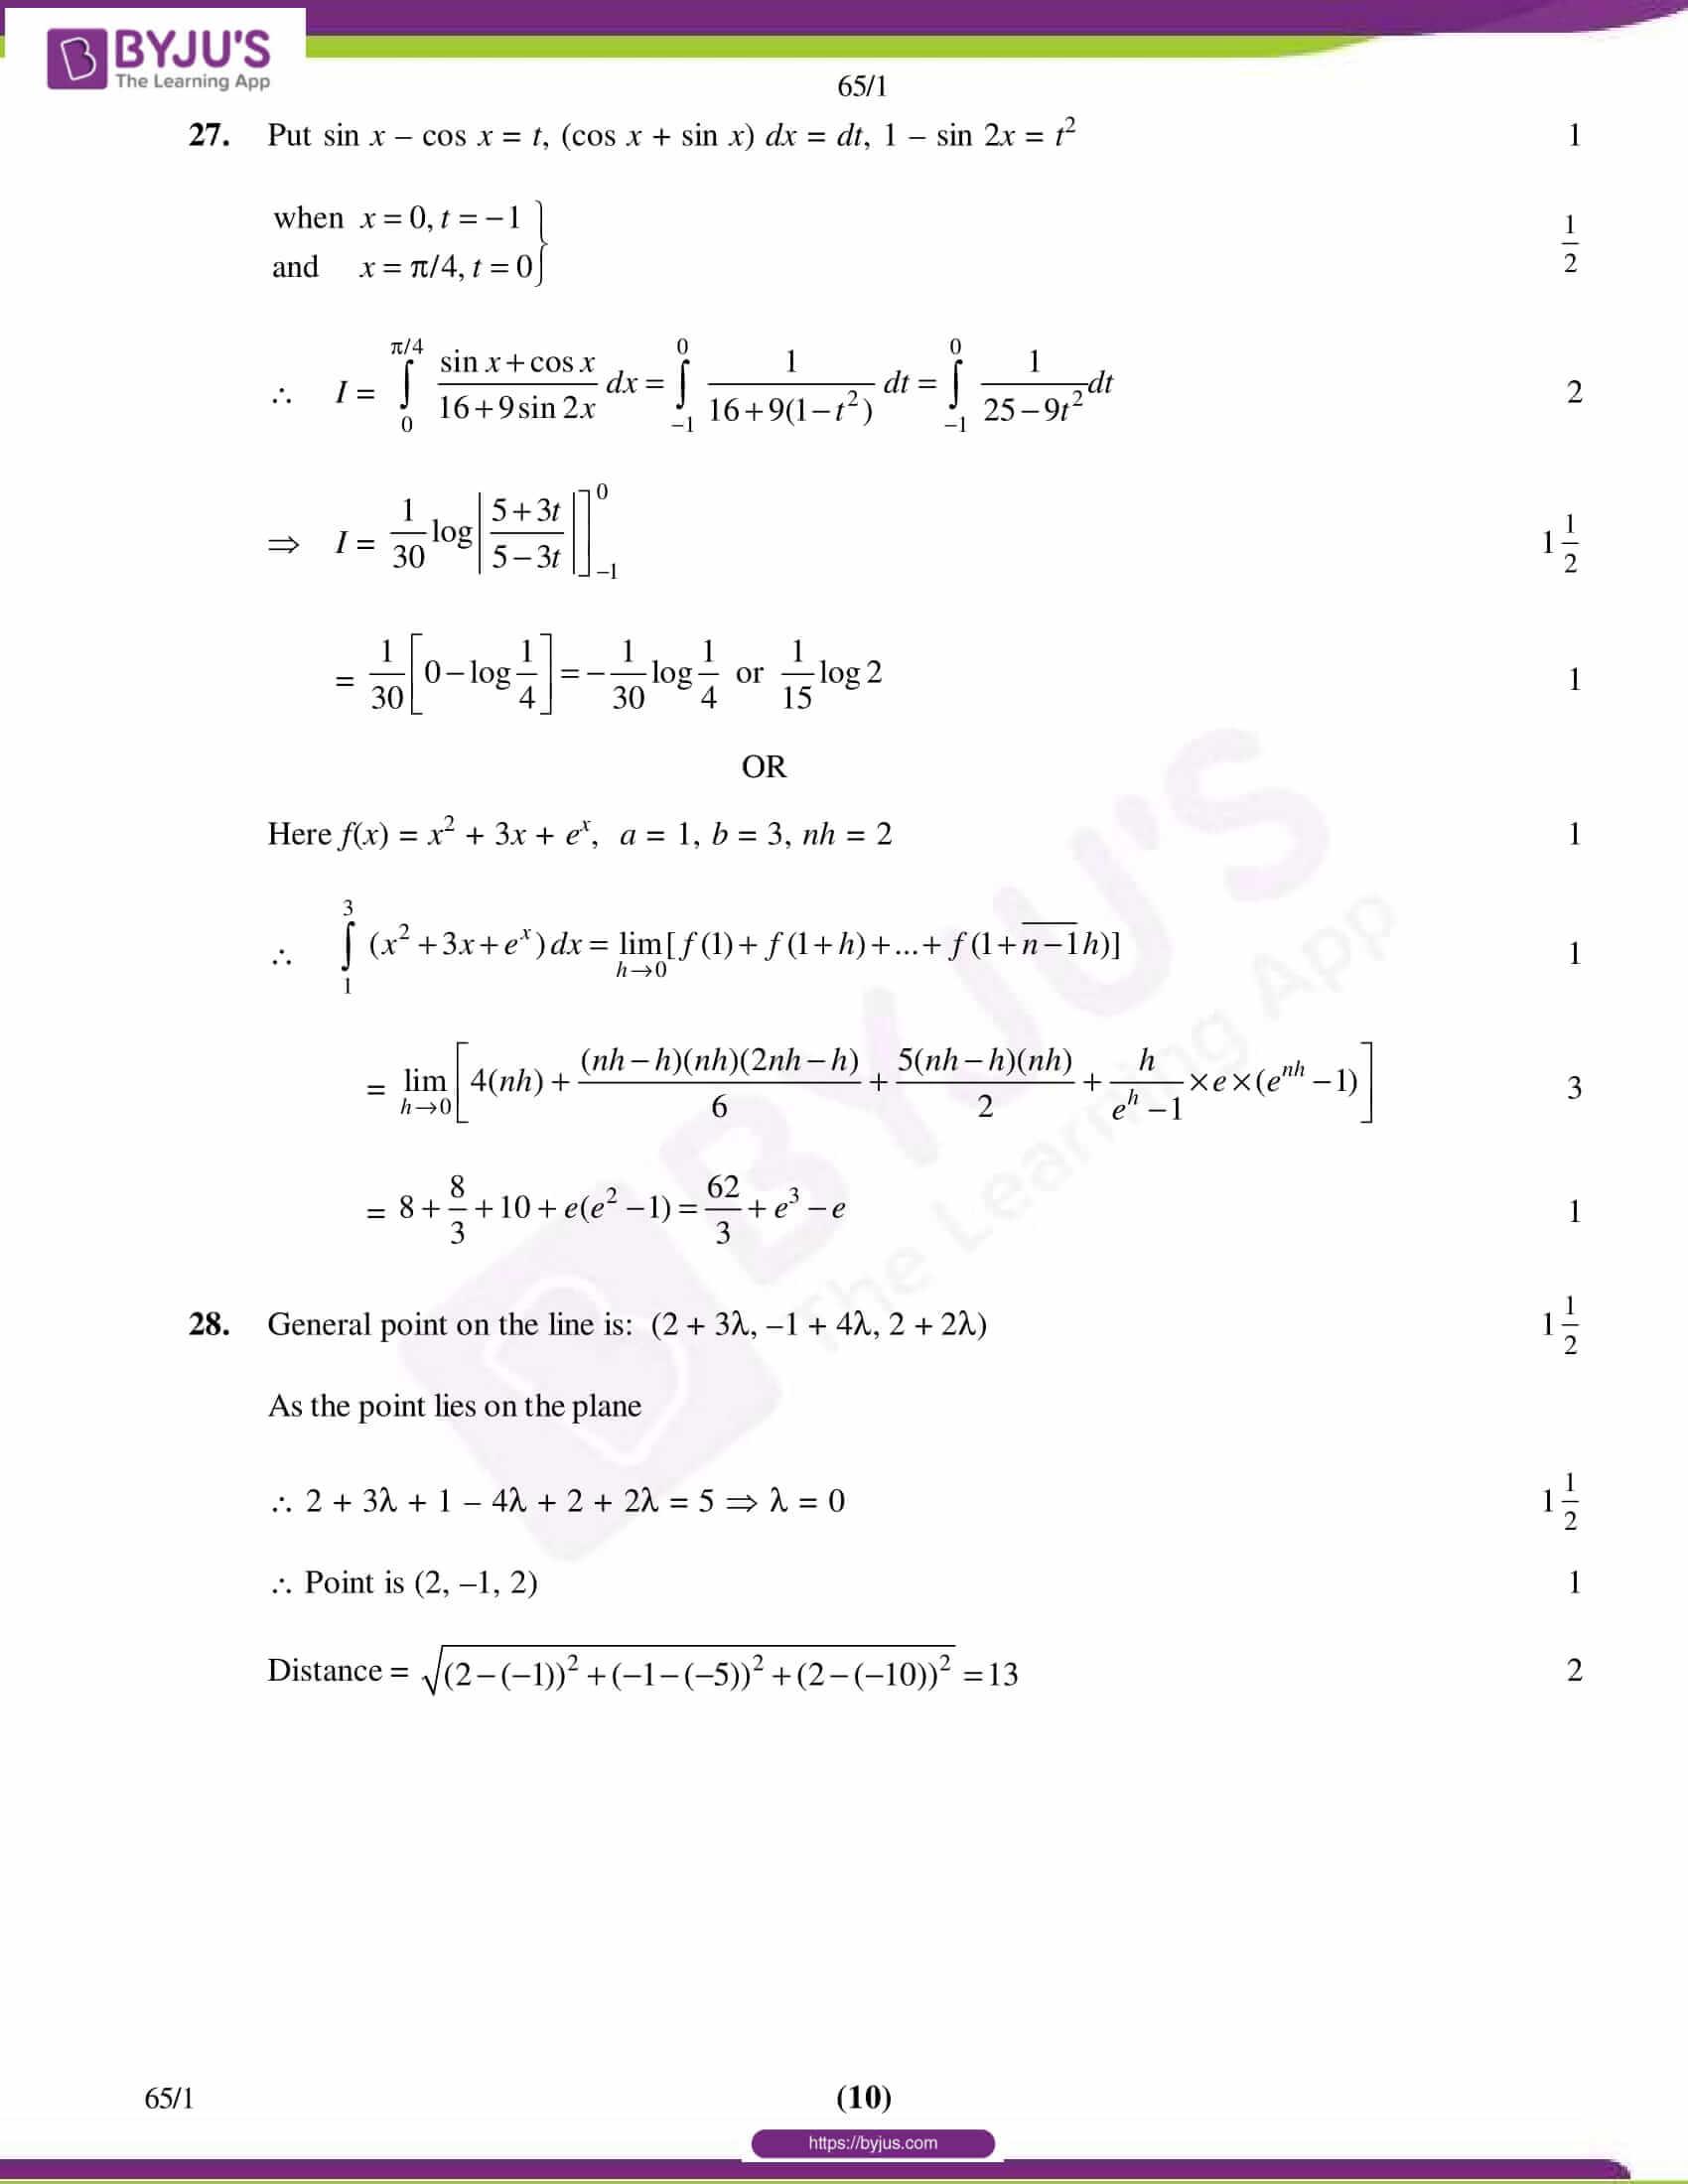 cbse class 12 maths 2018 solution set 1